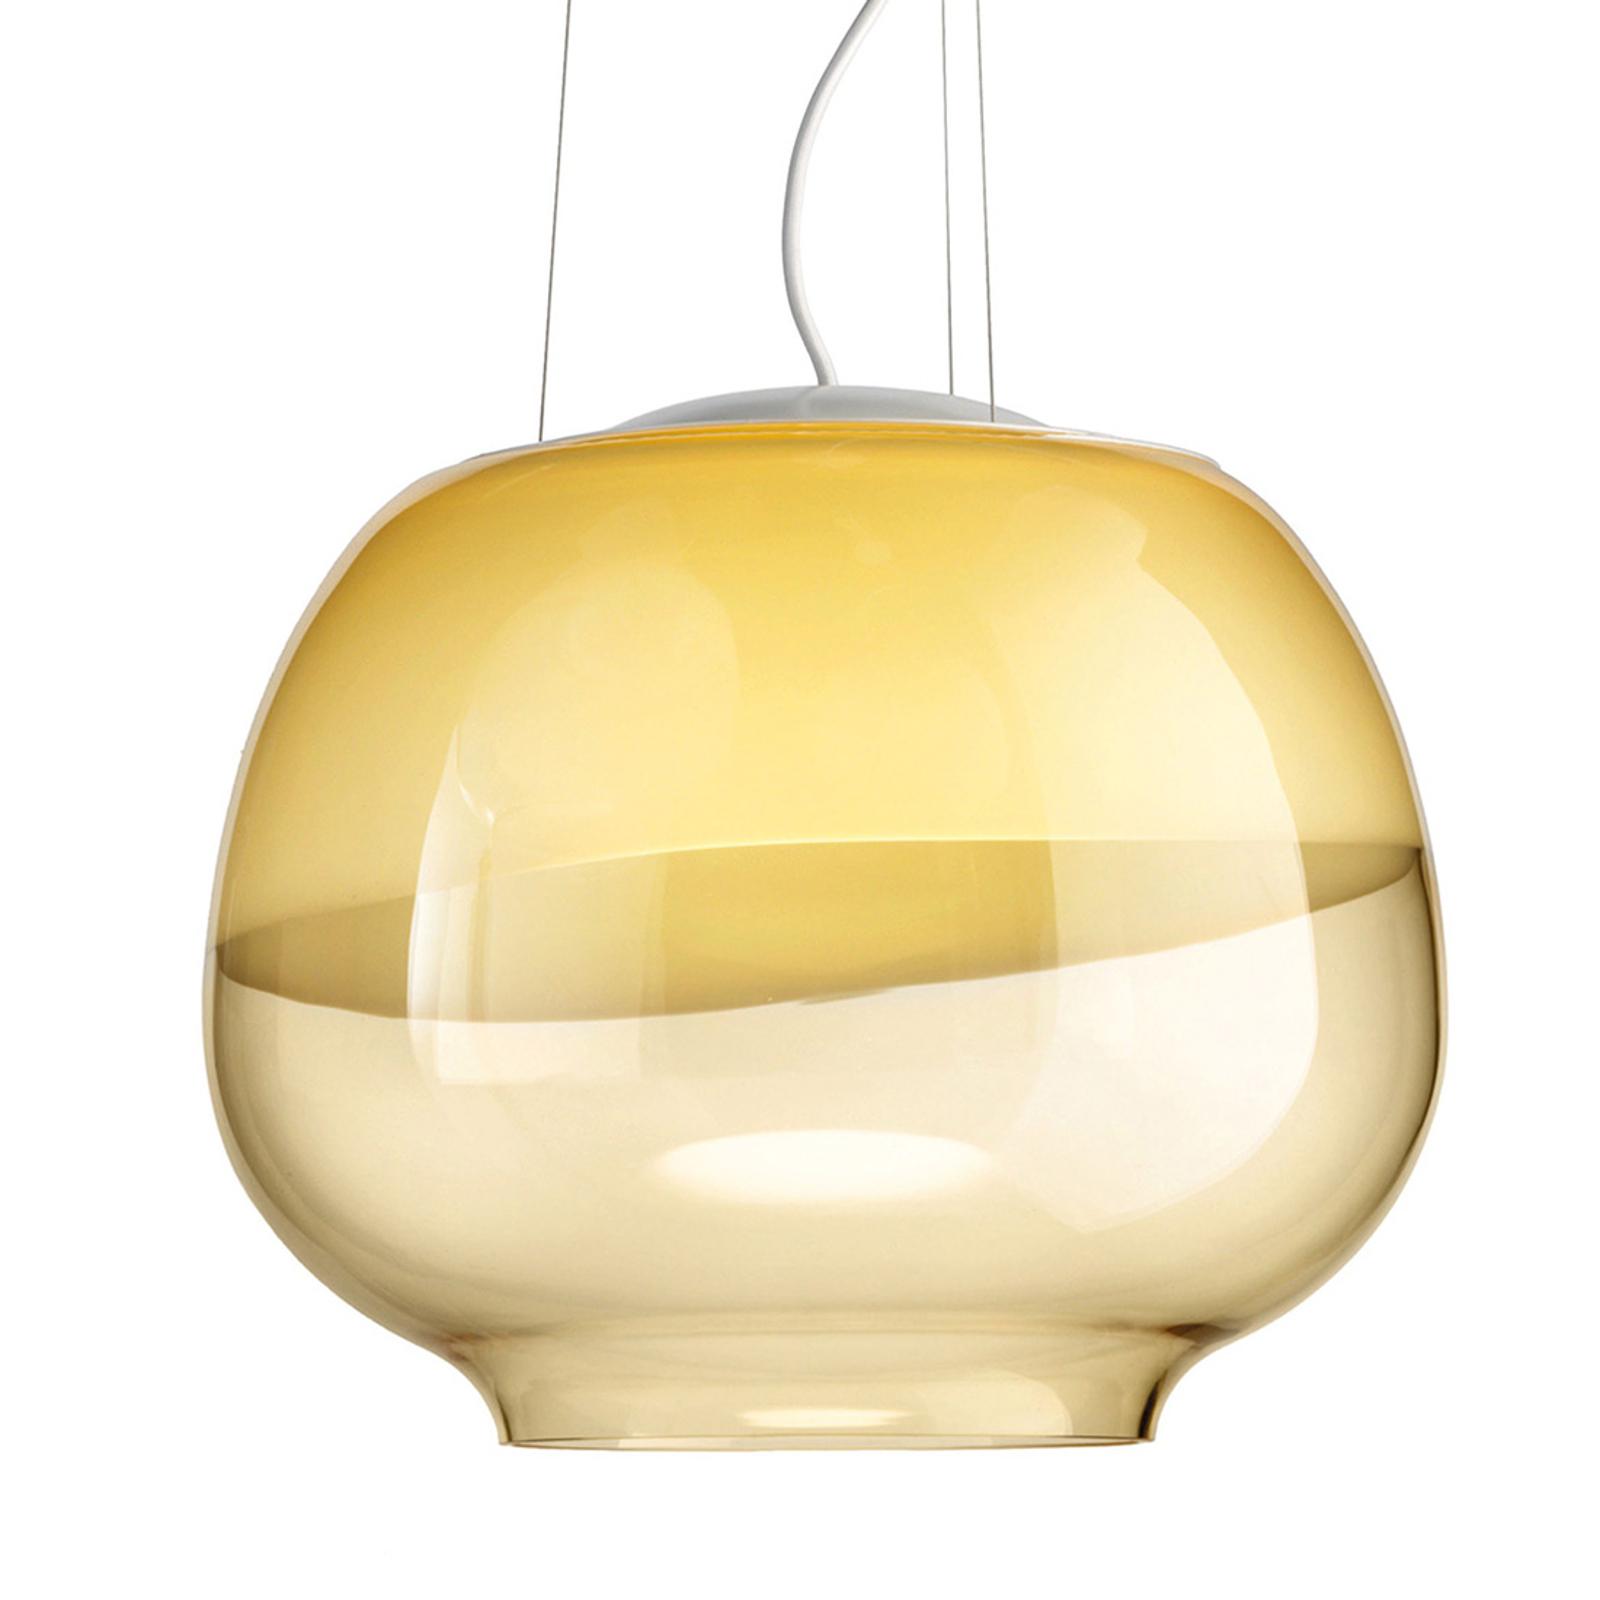 Designer-Hängeleuchte Mirage SP, amber